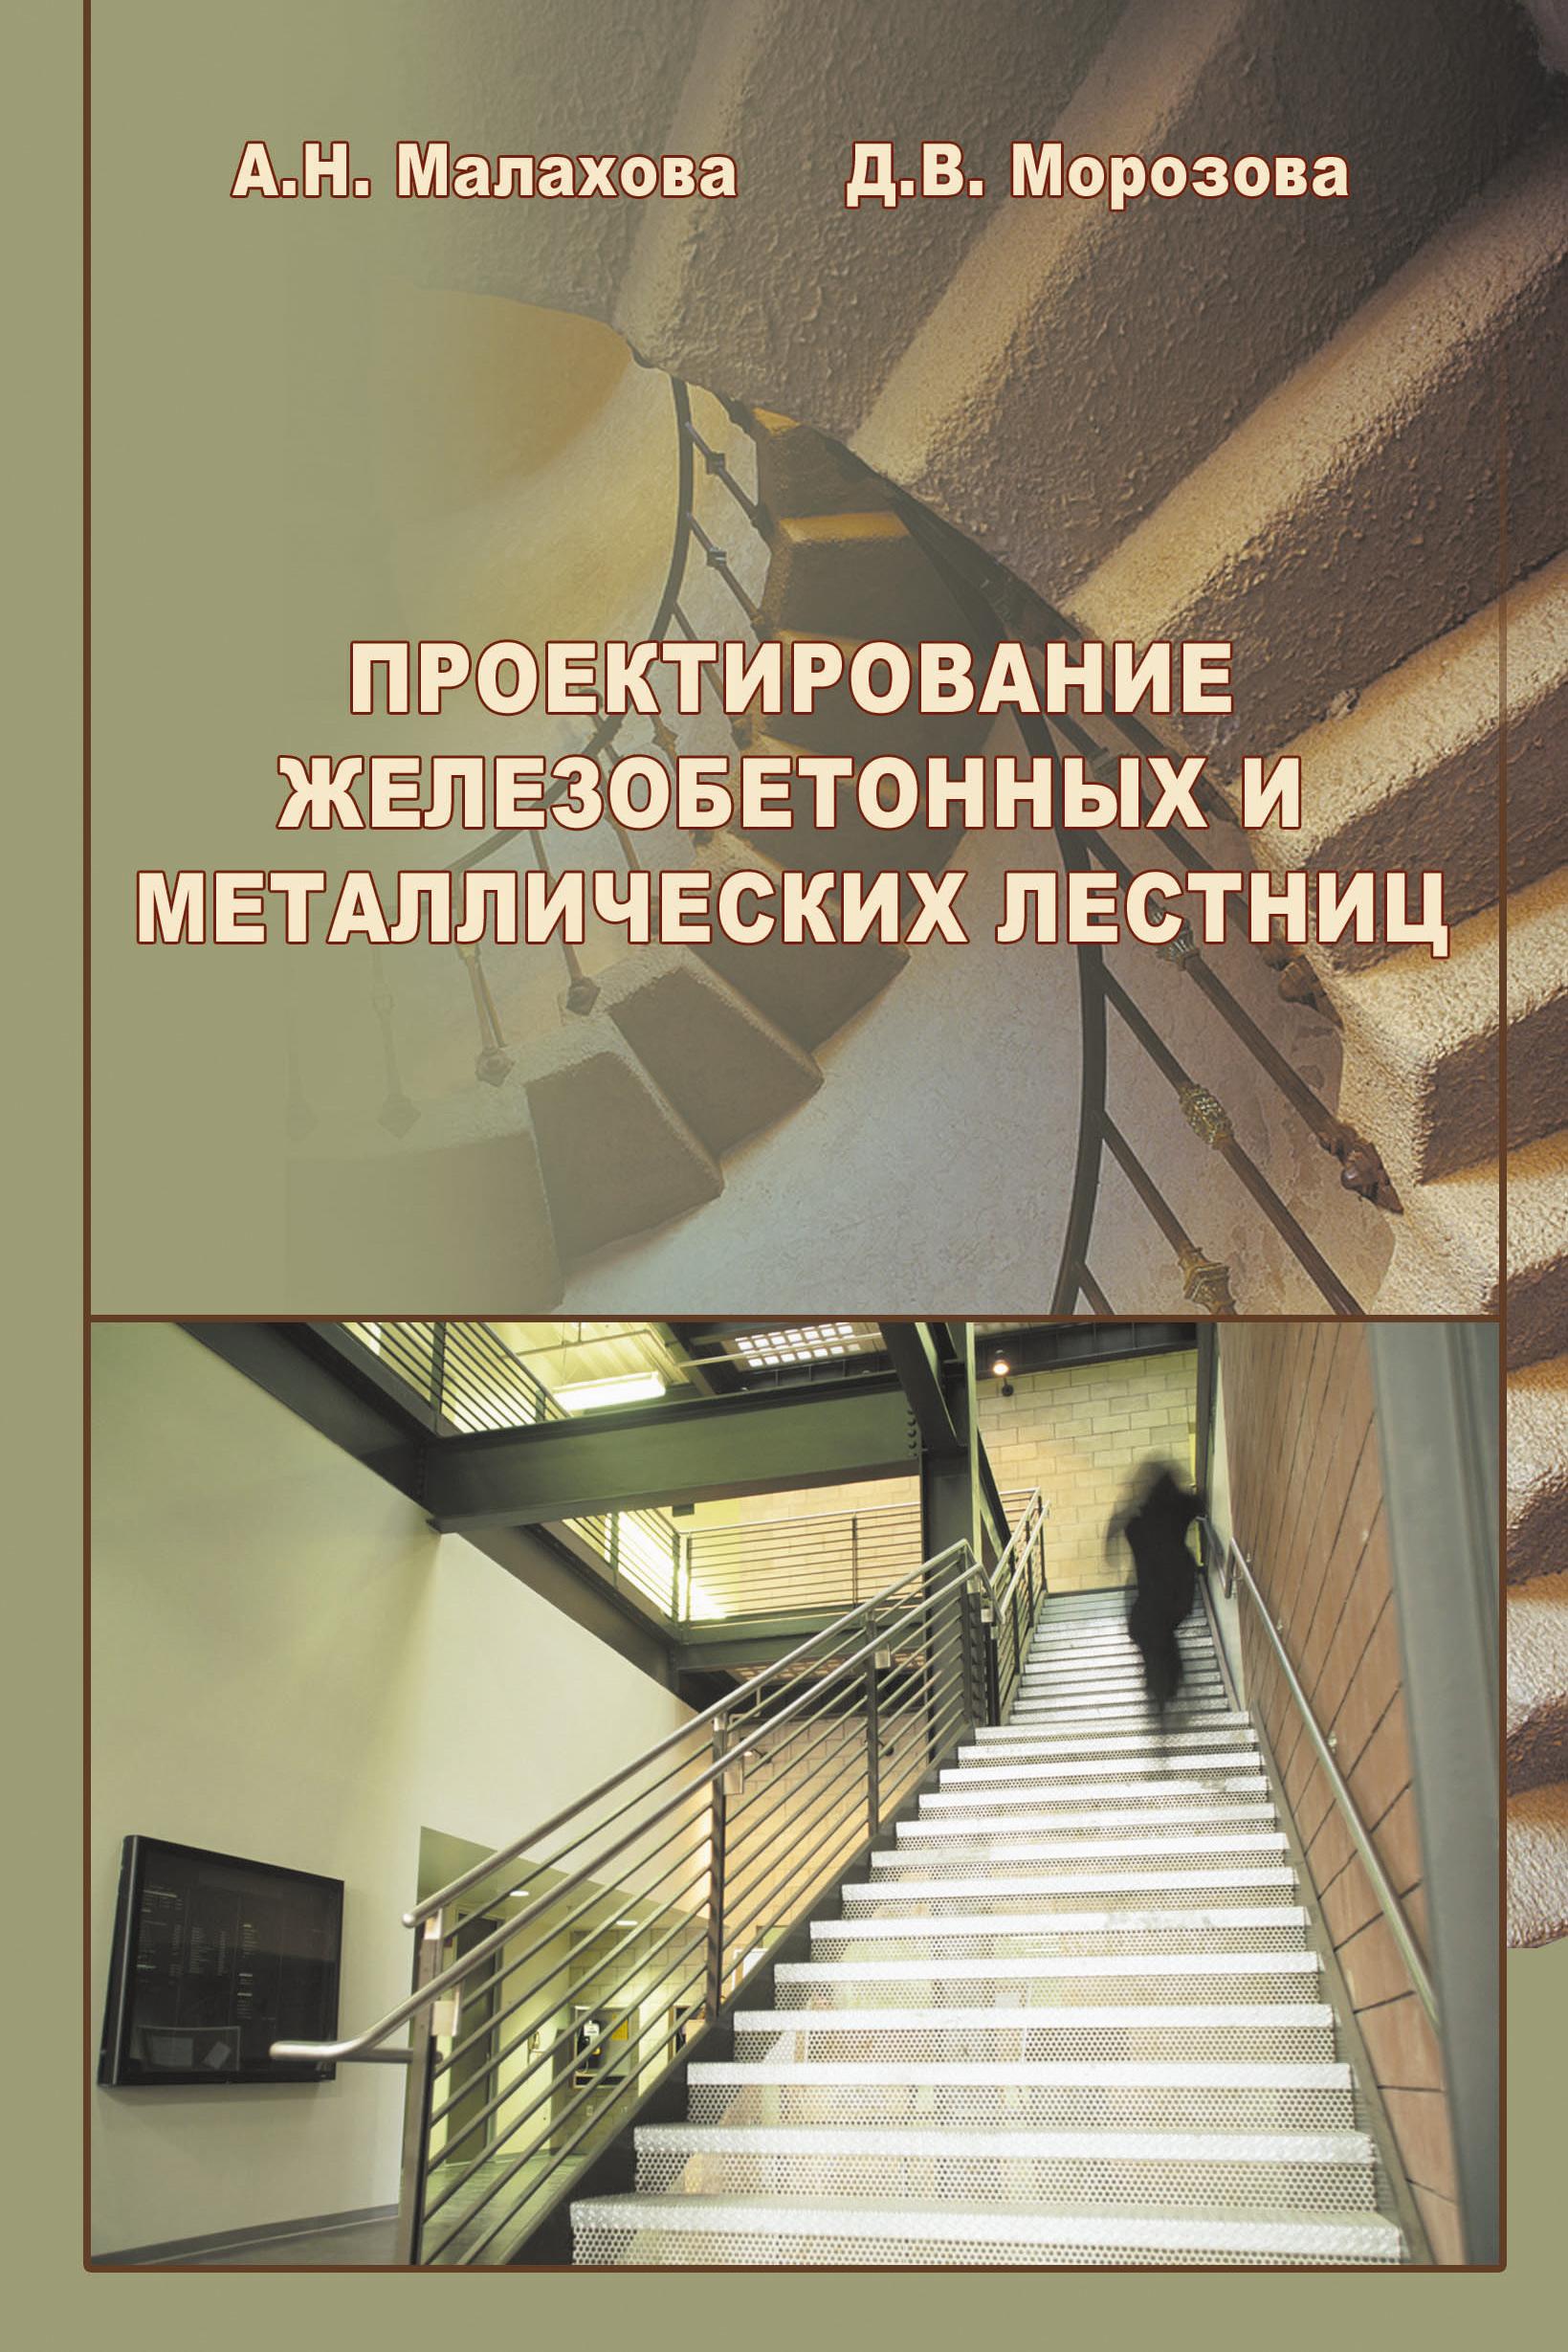 А. Н. Малахова Проектирование железобетонных и металлических лестниц а н малахова д в морозова проектирование железобетонных и металлических лестниц